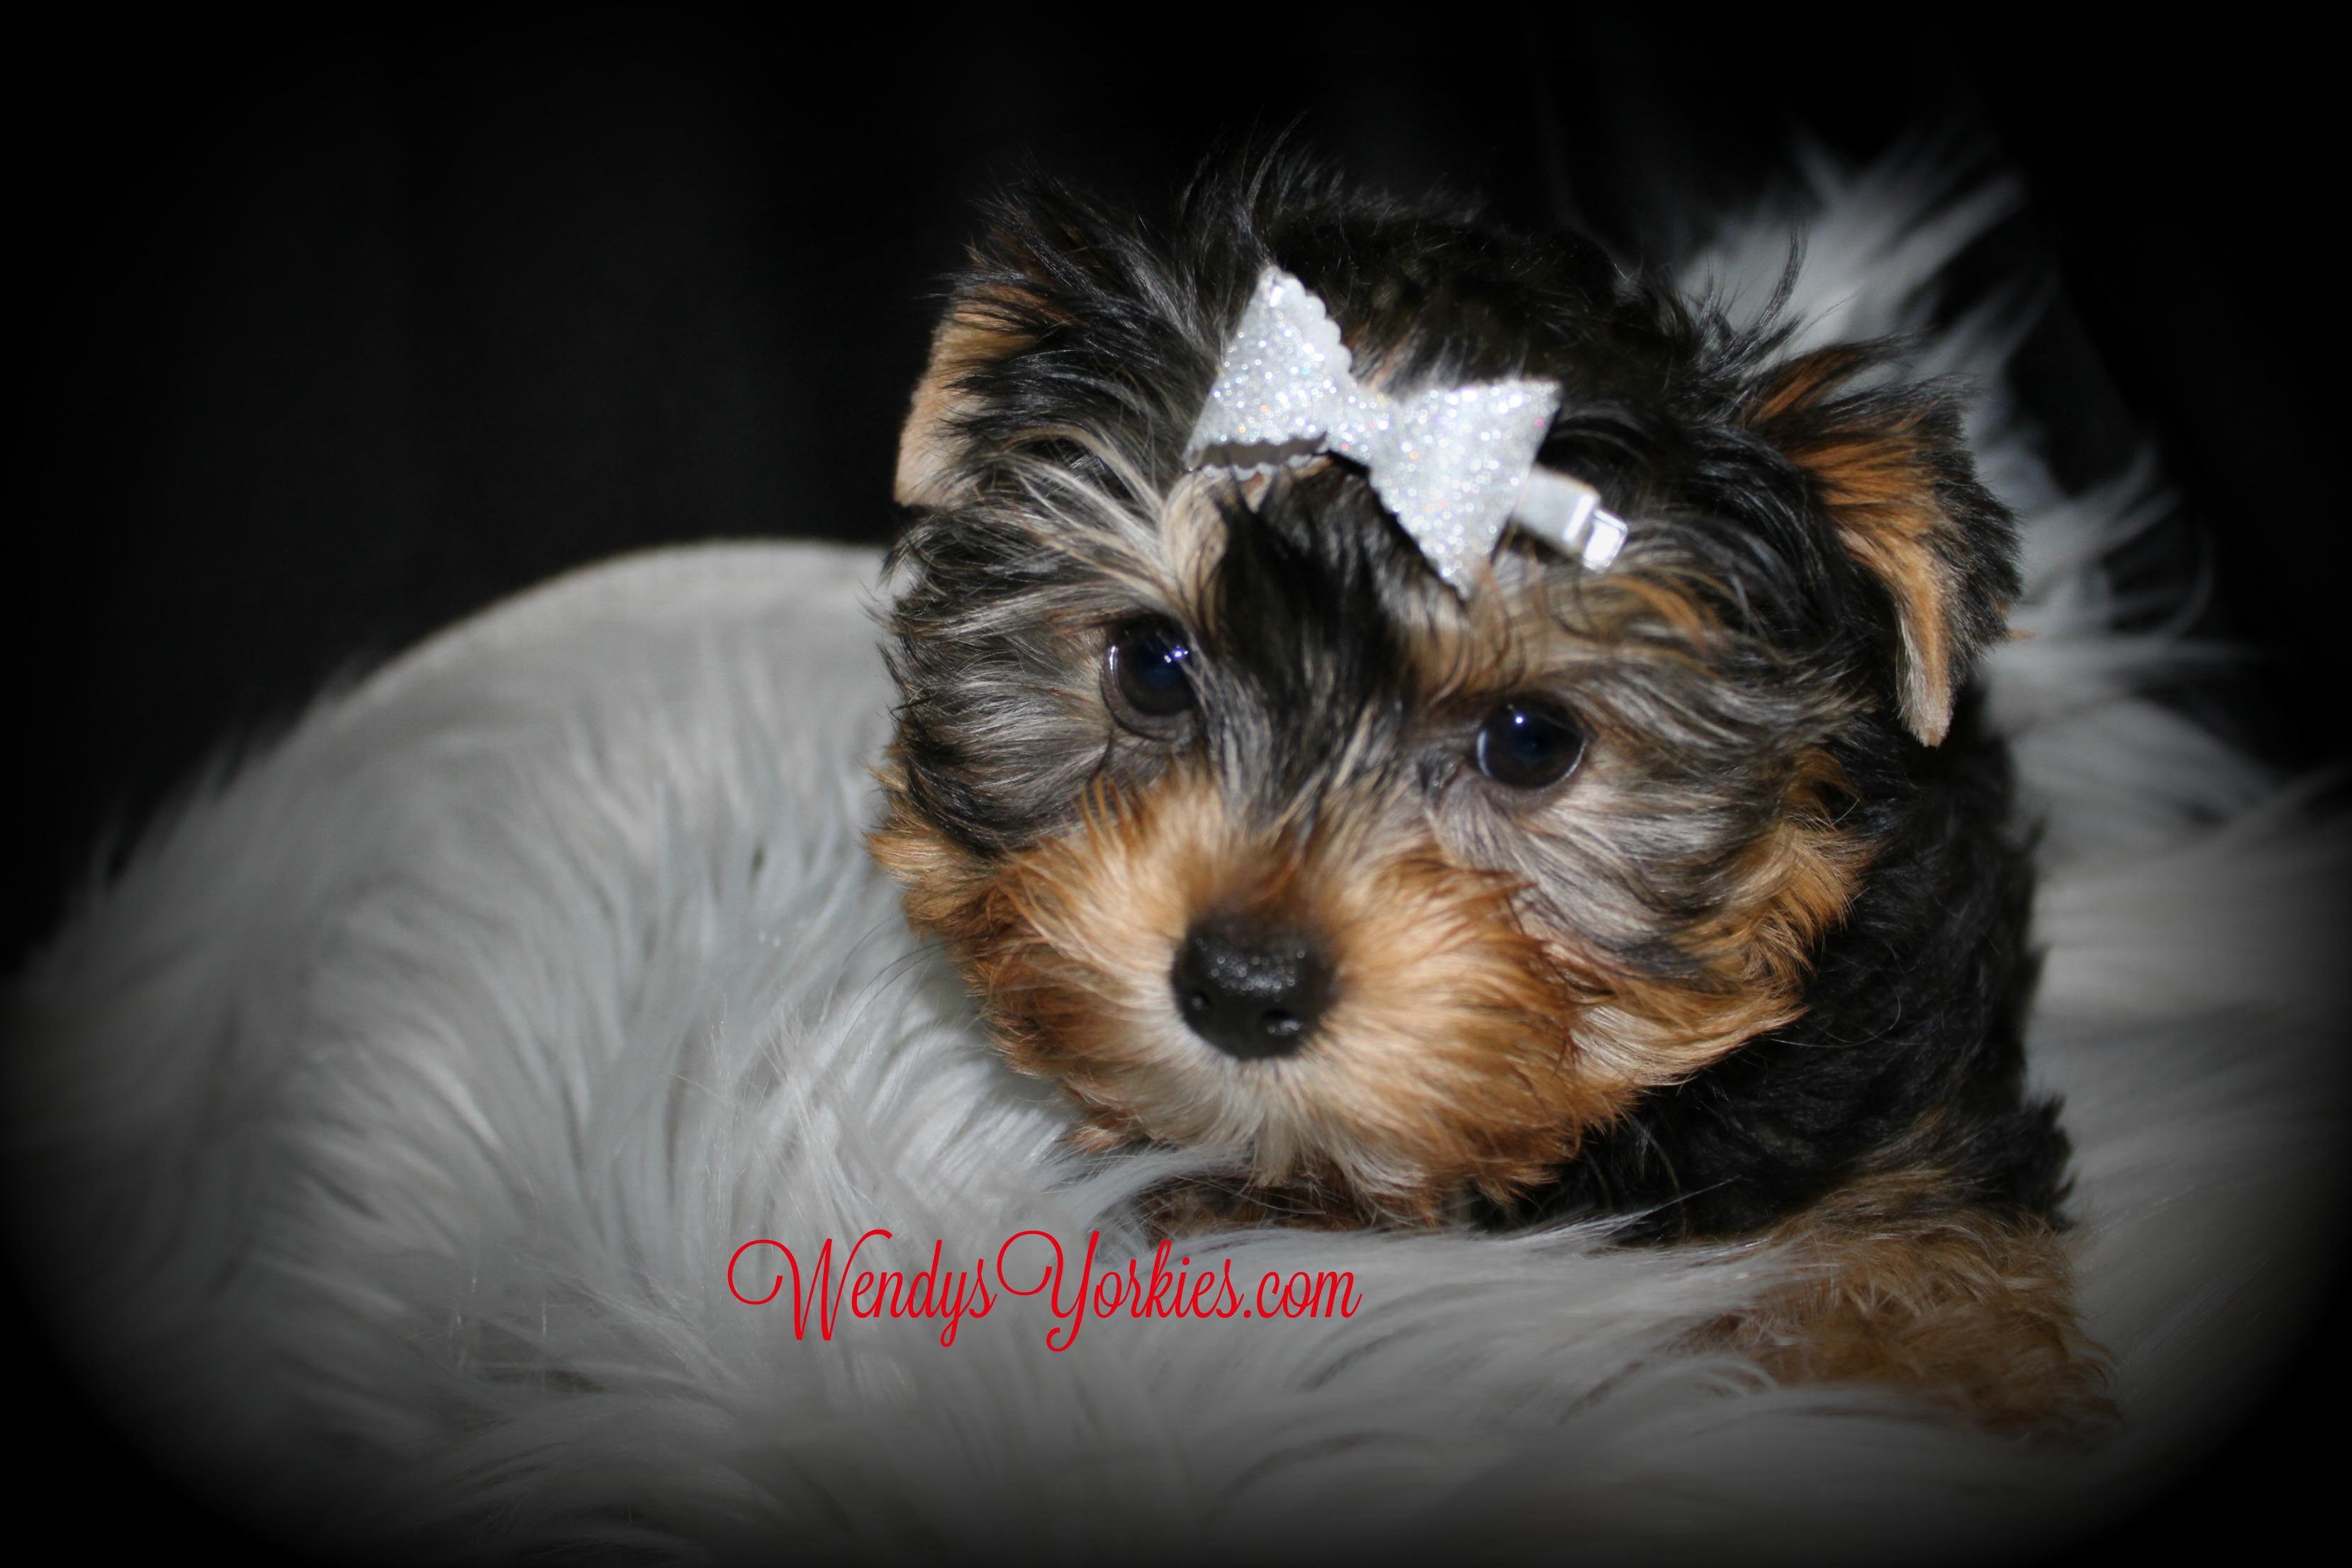 Pretty Yorkie puppy for sale, WendysYorkies.com, Lexie tm1